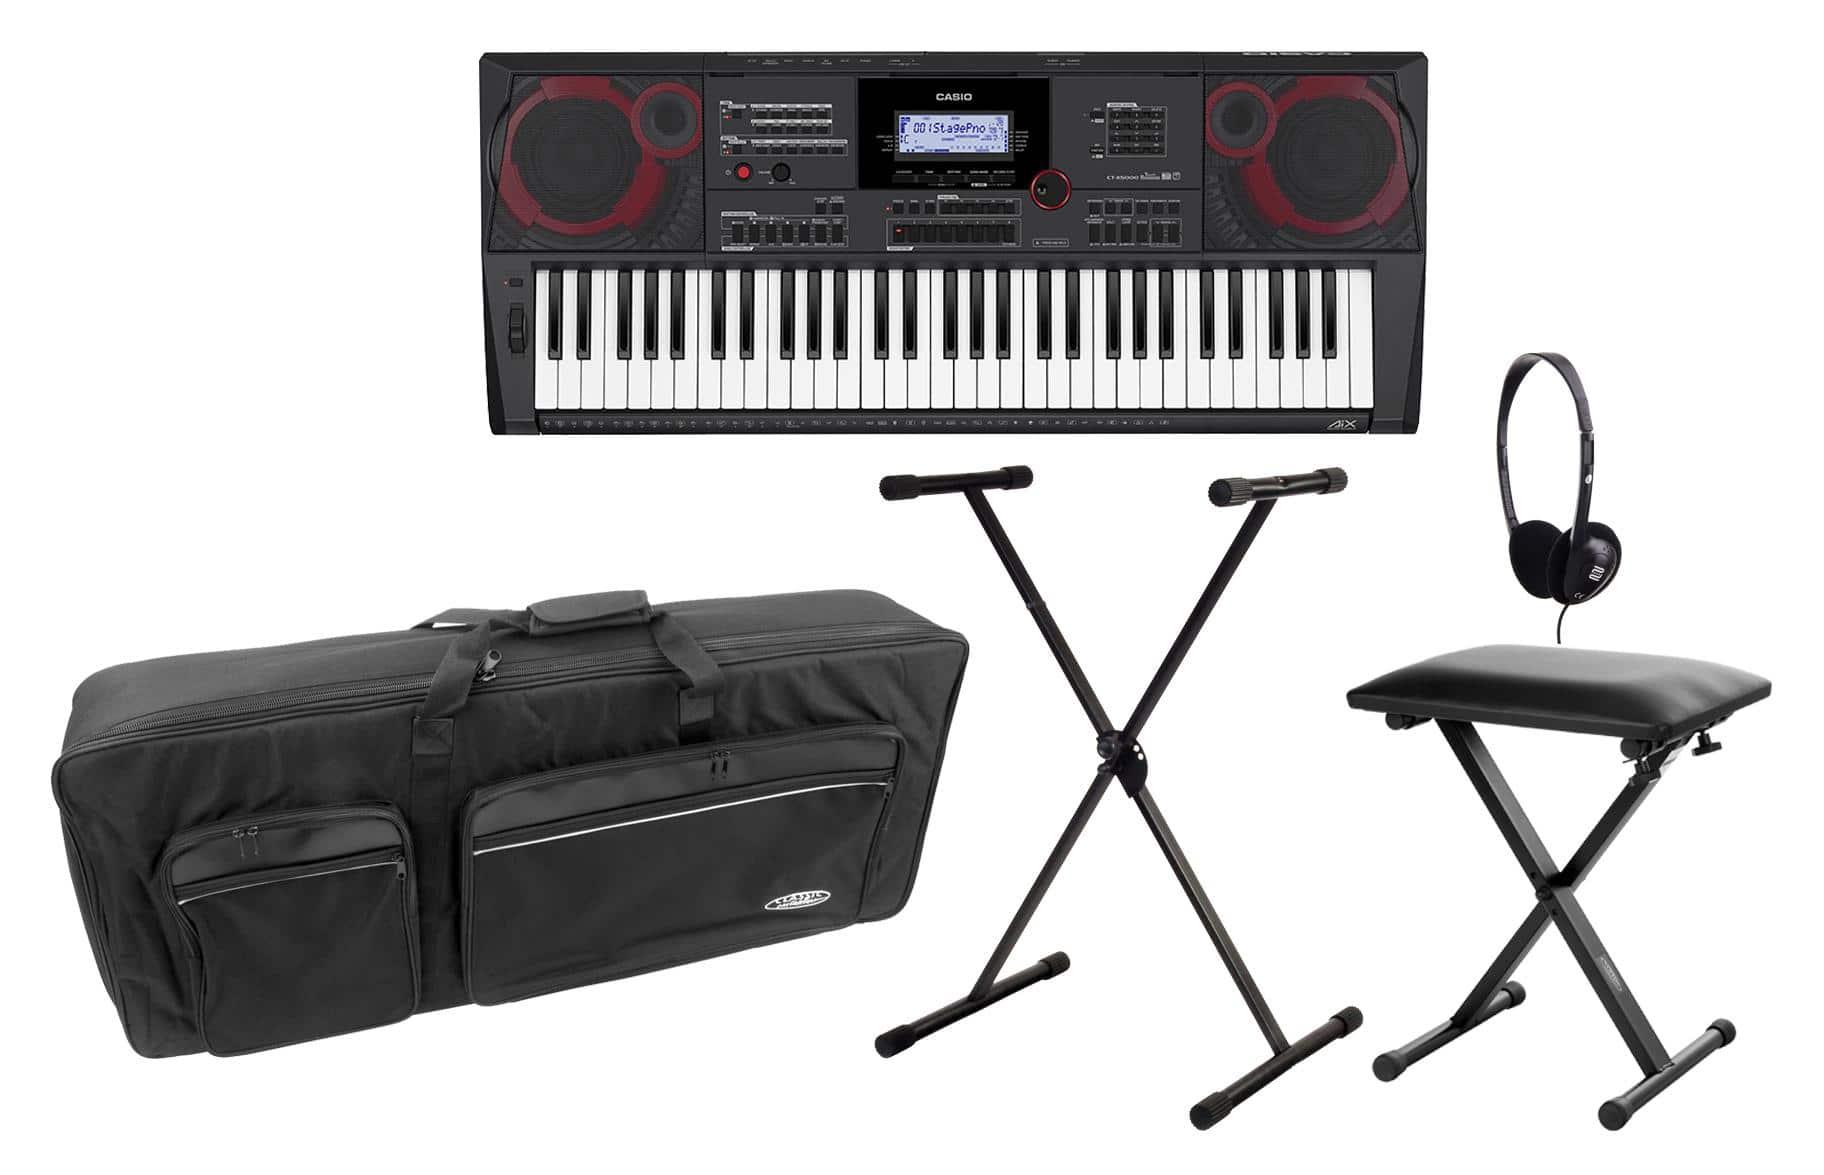 Casio CT X5000 Midi Keyboard Deluxe Set inkl. Ständer, Kopfhörer, Bank Tasche